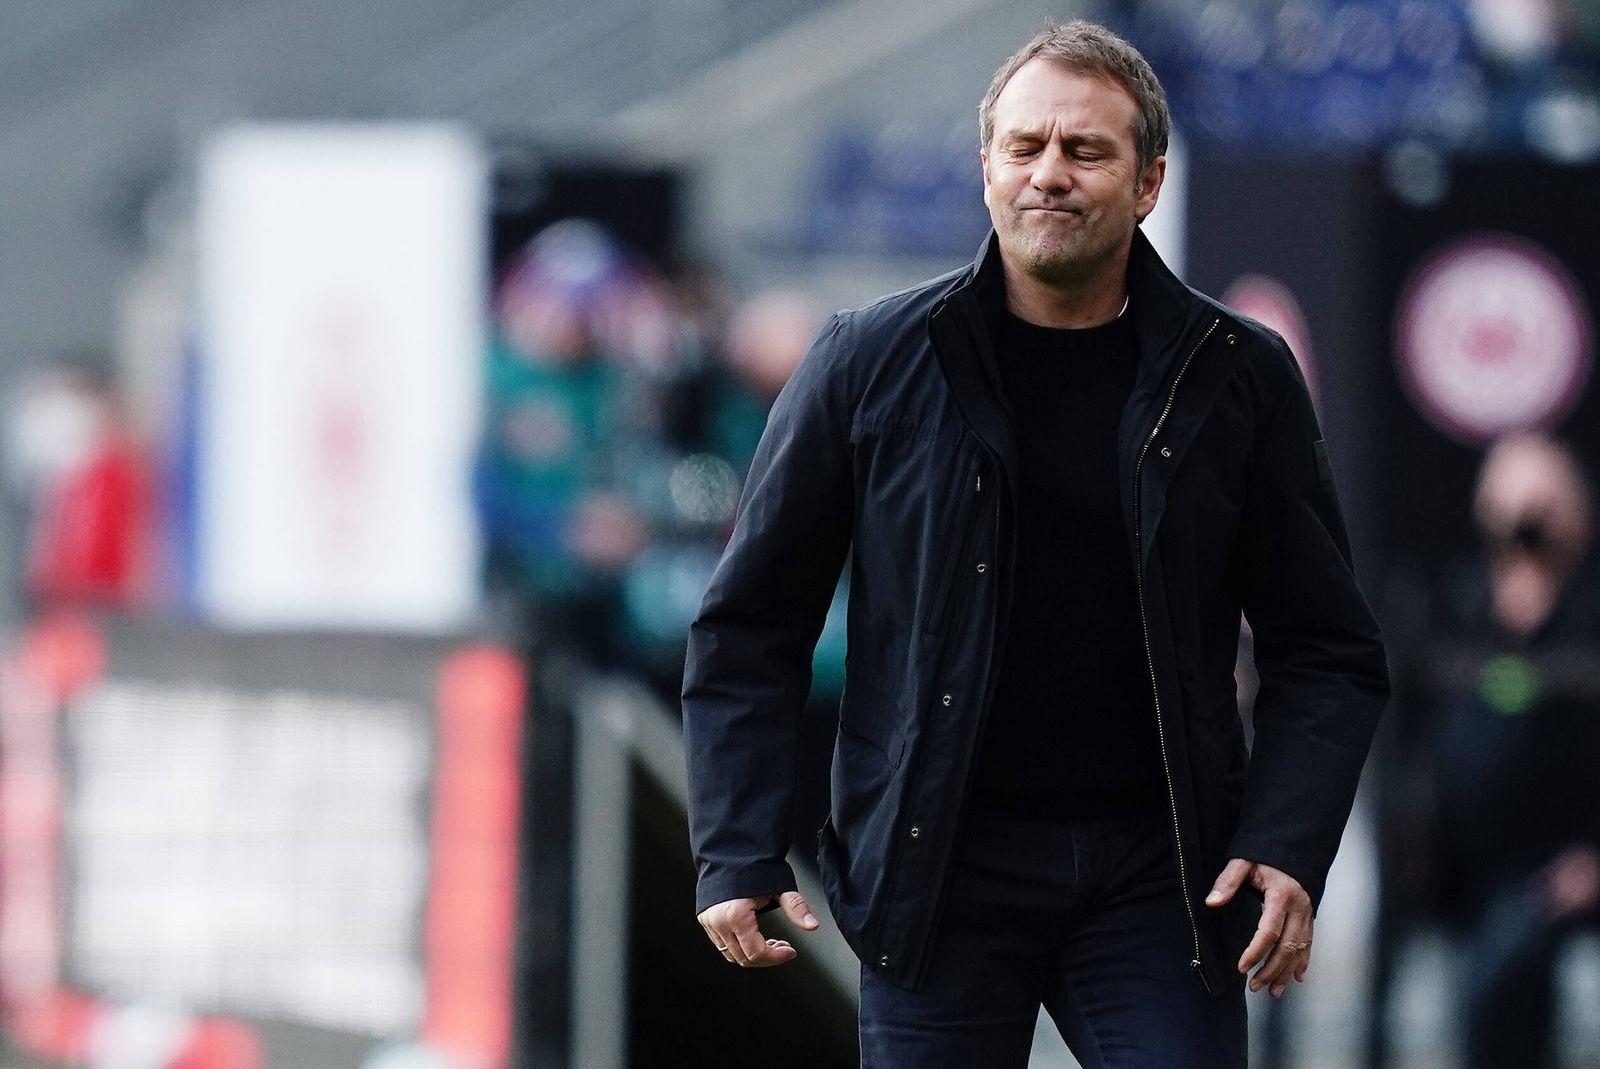 Fussball Trainer Hans-Dieter Hansi Flick (Bayern) Frankfurt, 20.02.2021, Fussball, Bundesliga, Eintracht Frankfurt - FC